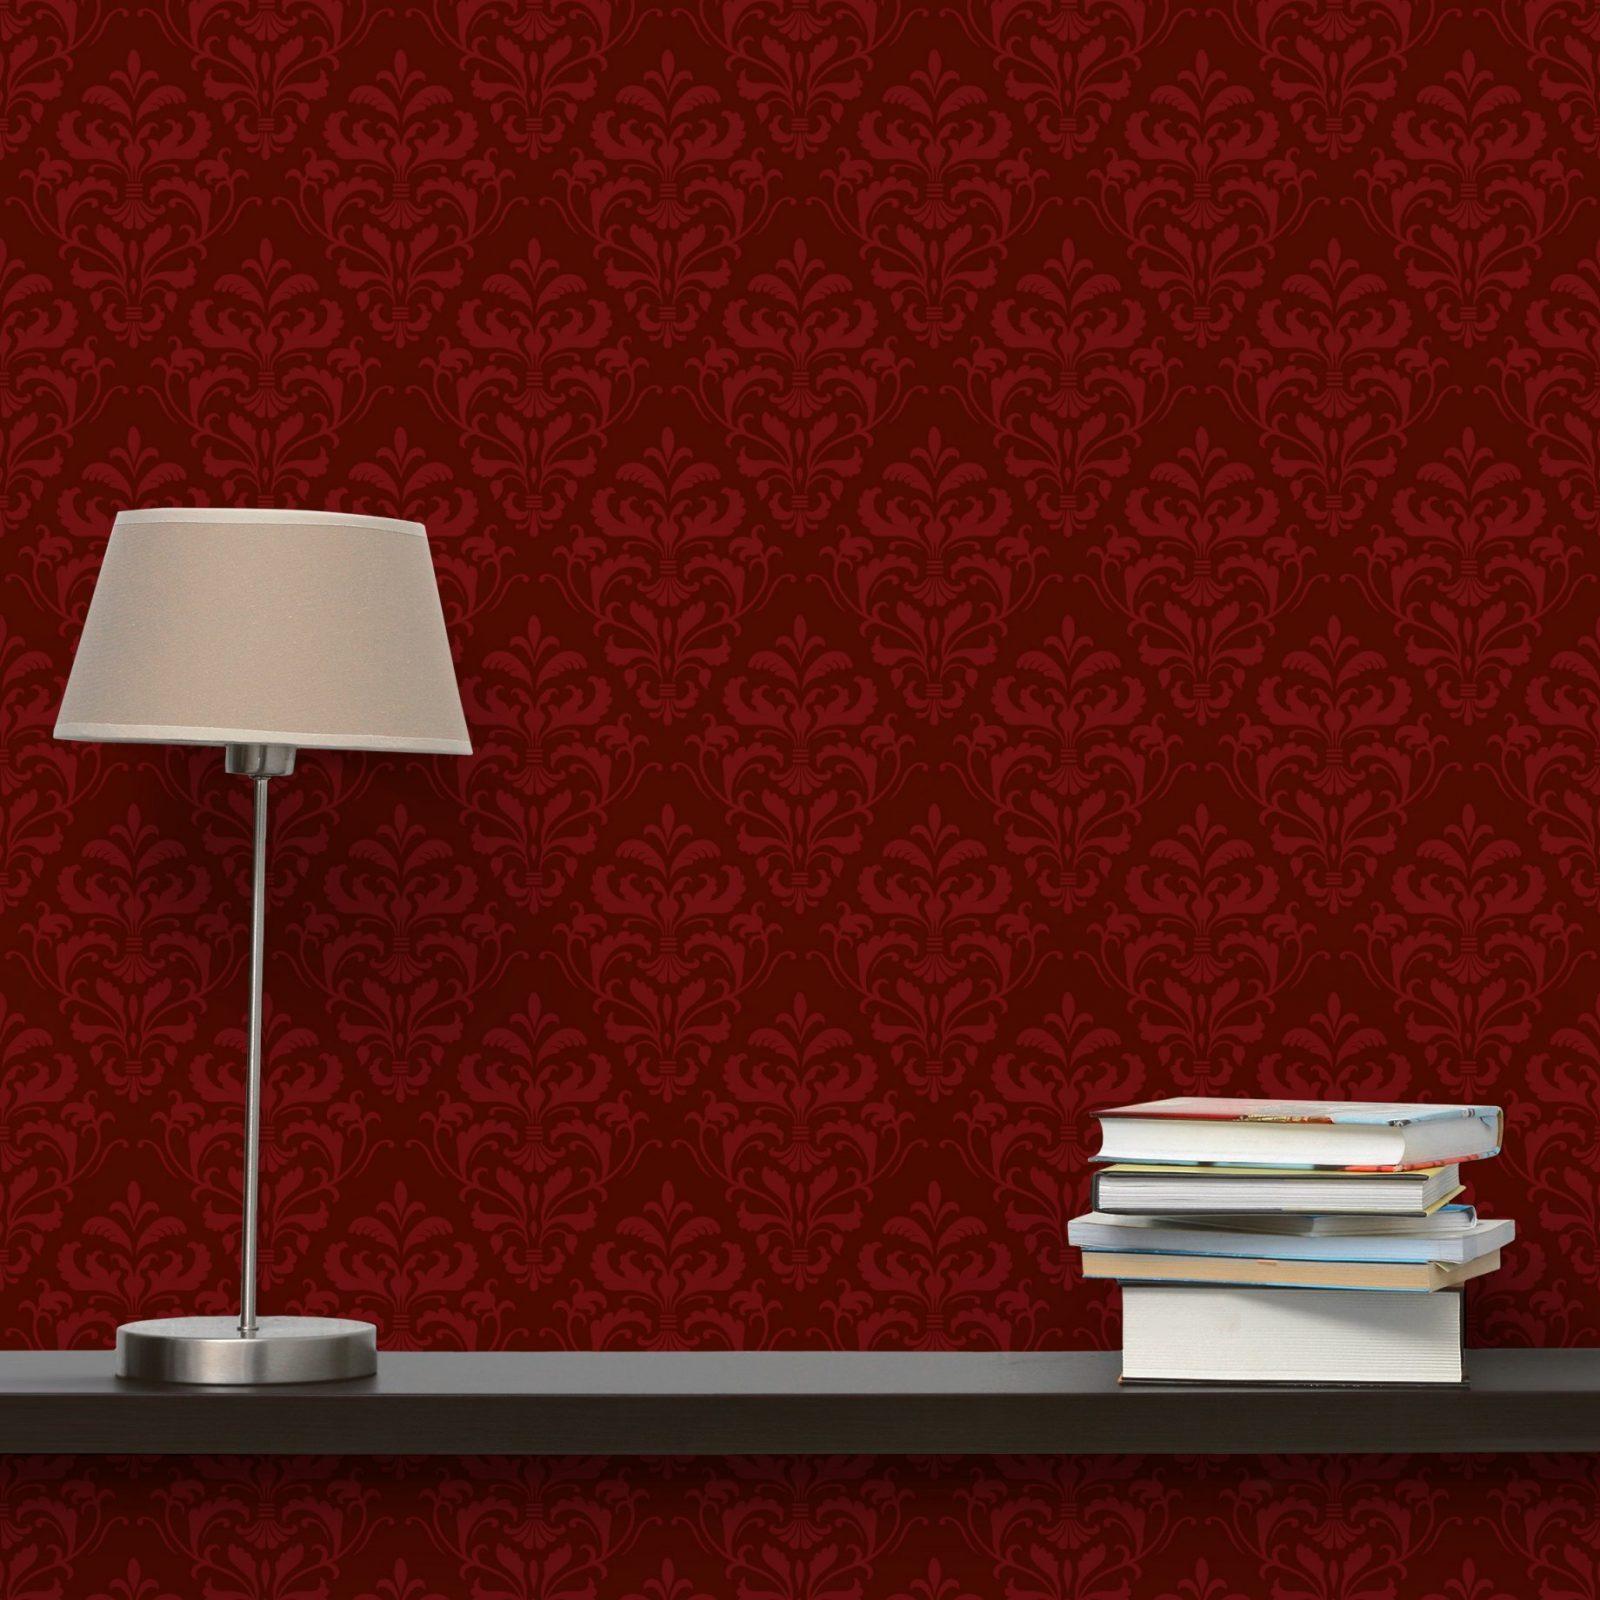 Weinrote Barock Tapete  Roter Französischer Barock  Vliestapete Breit von Rote Tapete Mit Muster Photo